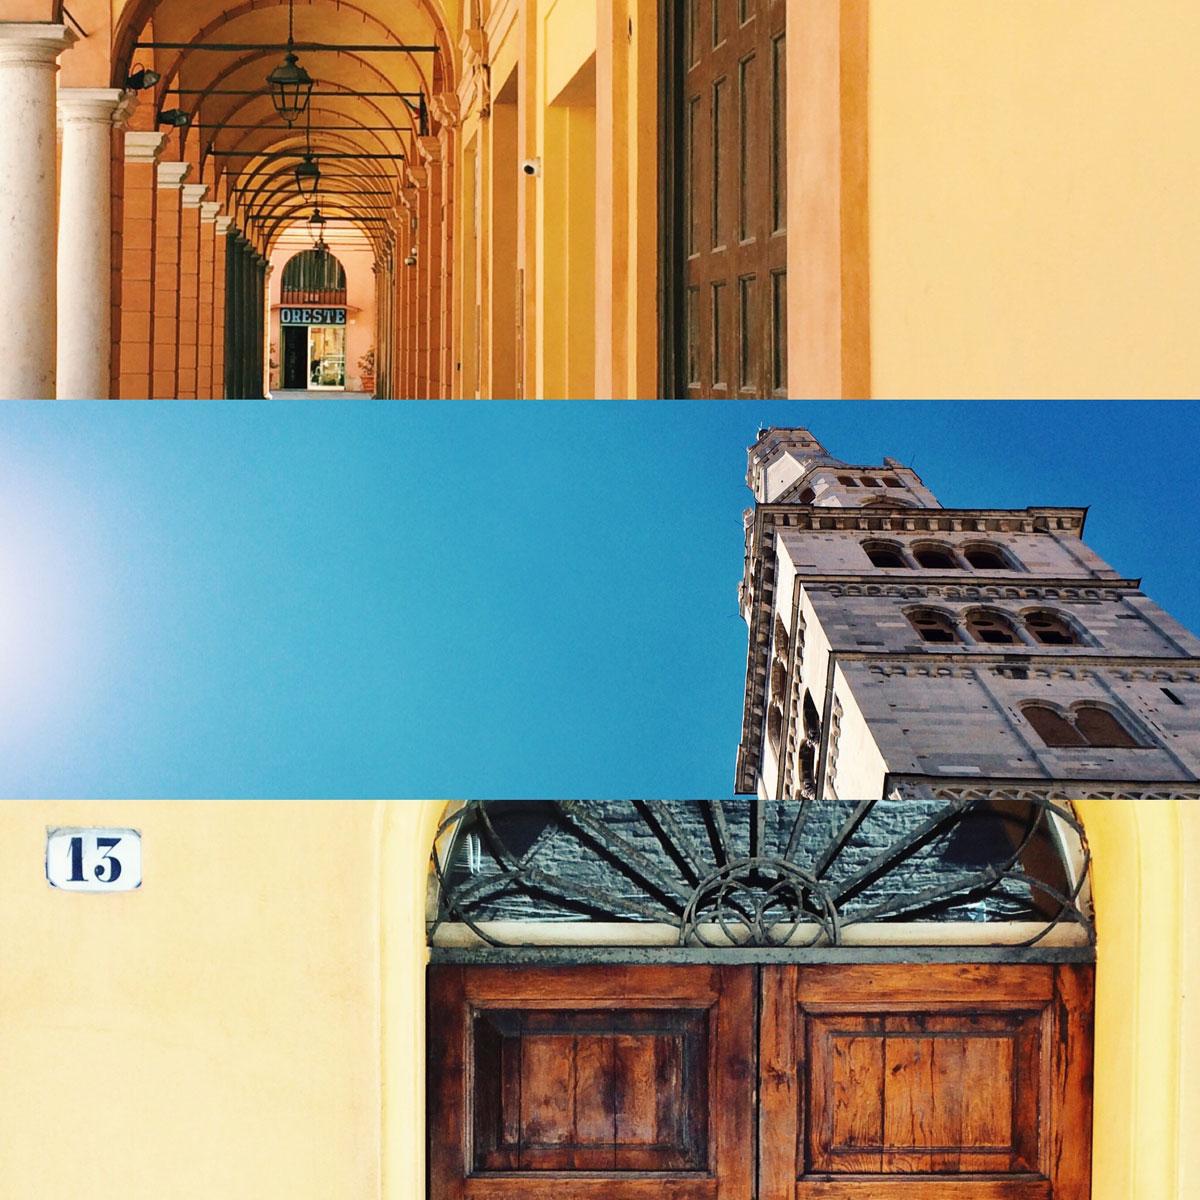 Cosa vedere a Modena in un giorno - collage